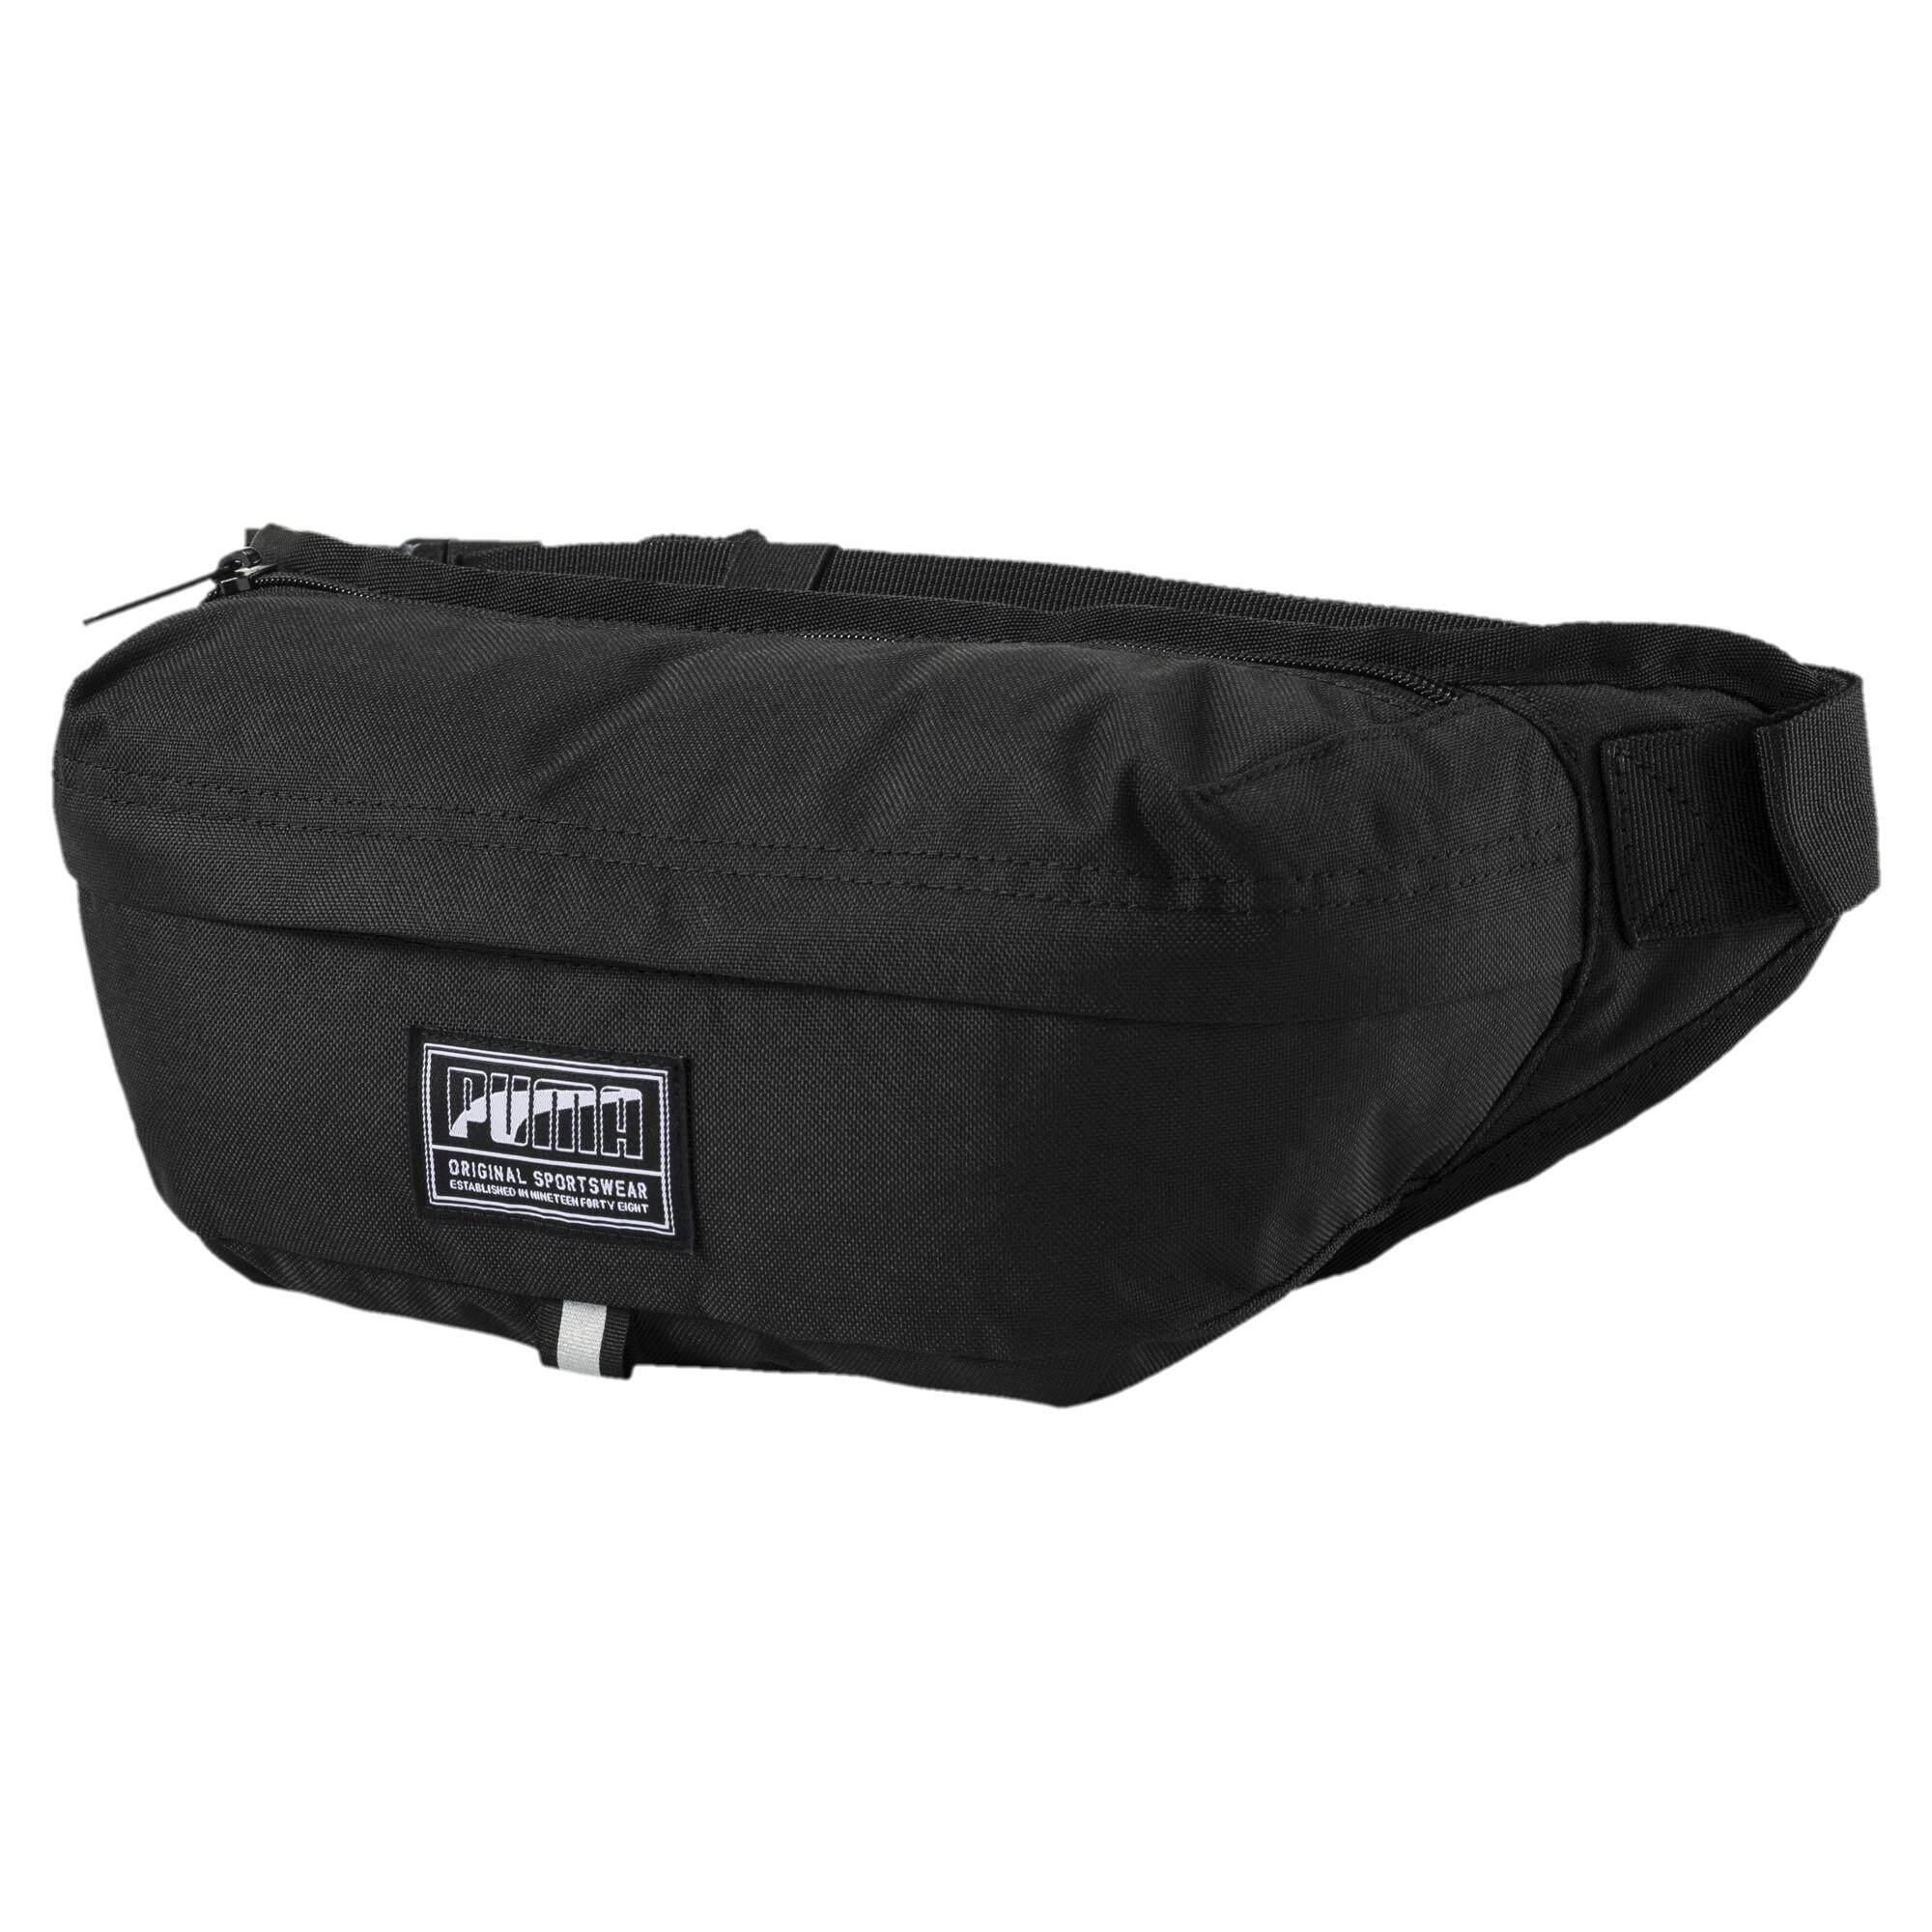 589899a72a00 Puma Academy Sport Travel Cycling Running Waist Pouch Bag